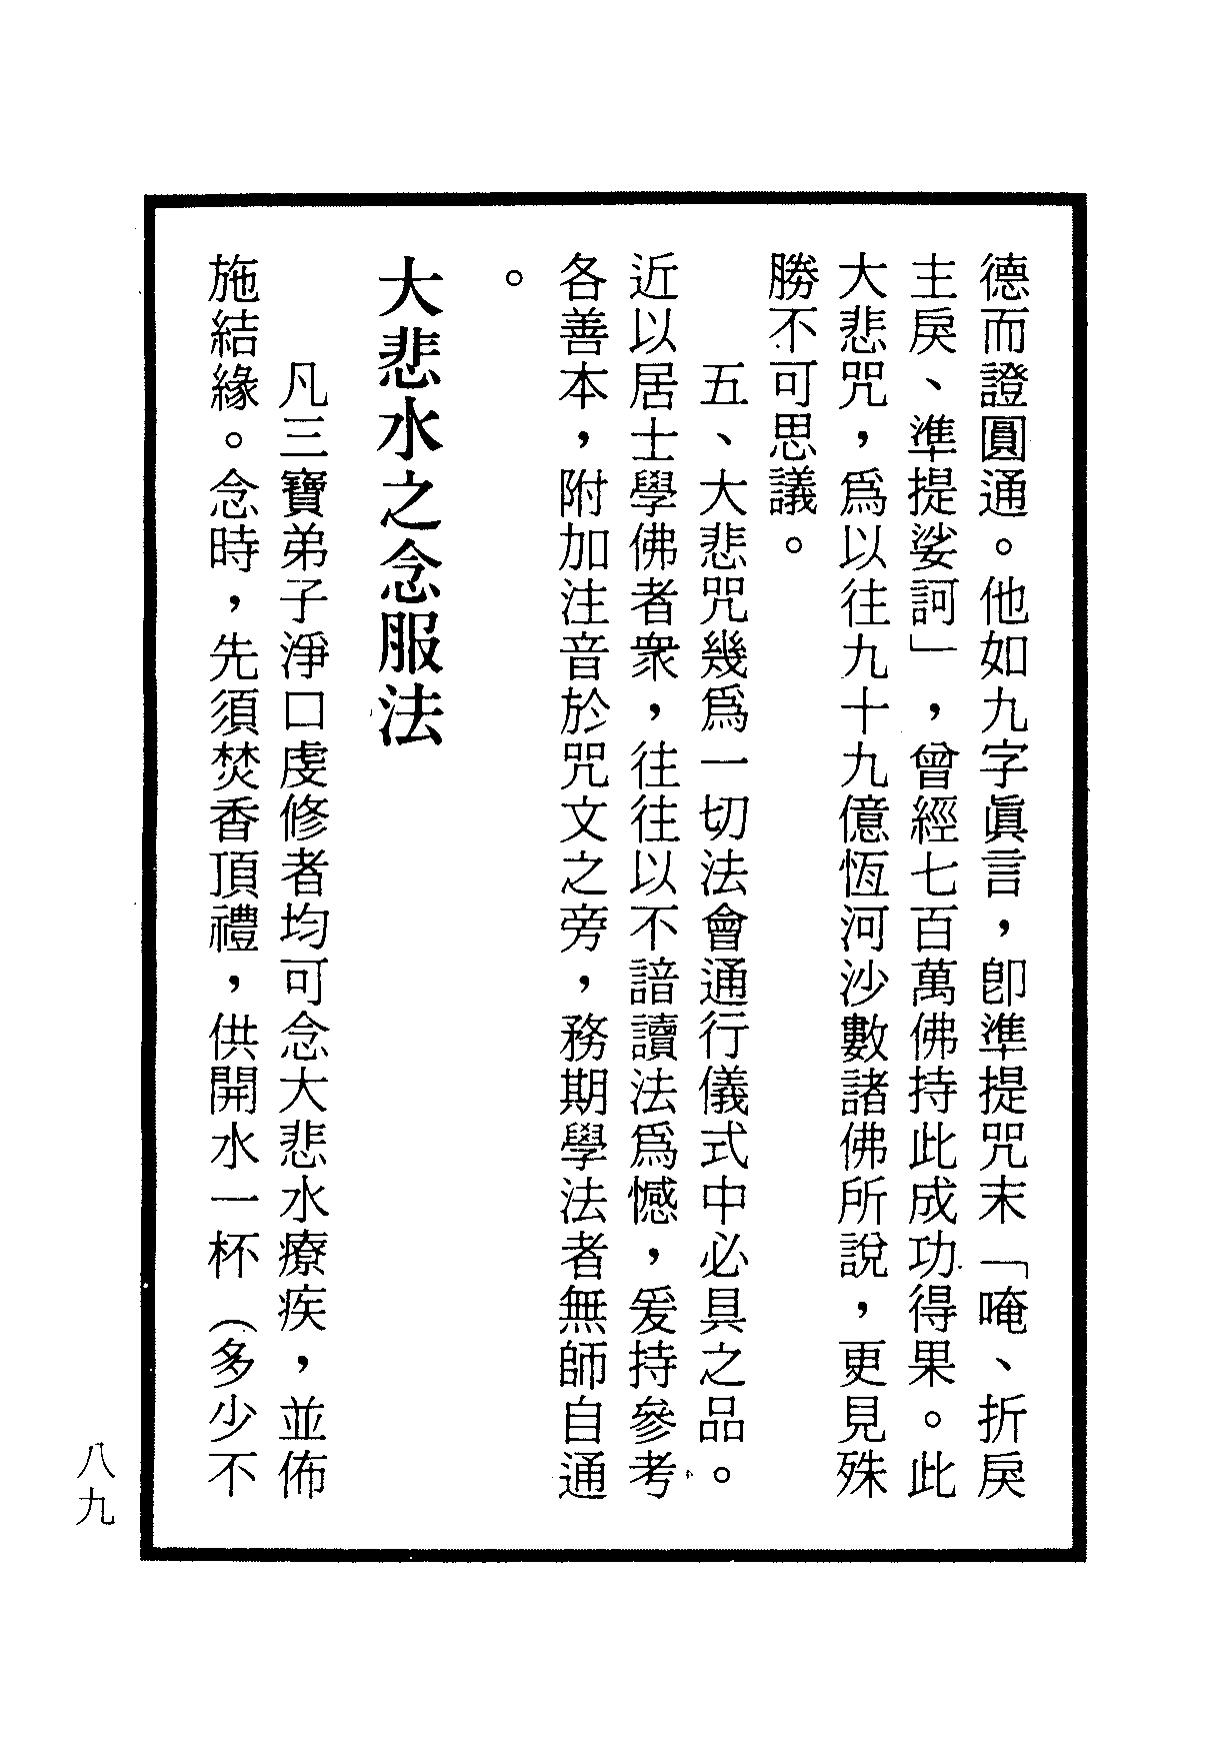 楞嚴咒-大悲咒-十小咒-易背本 95.png